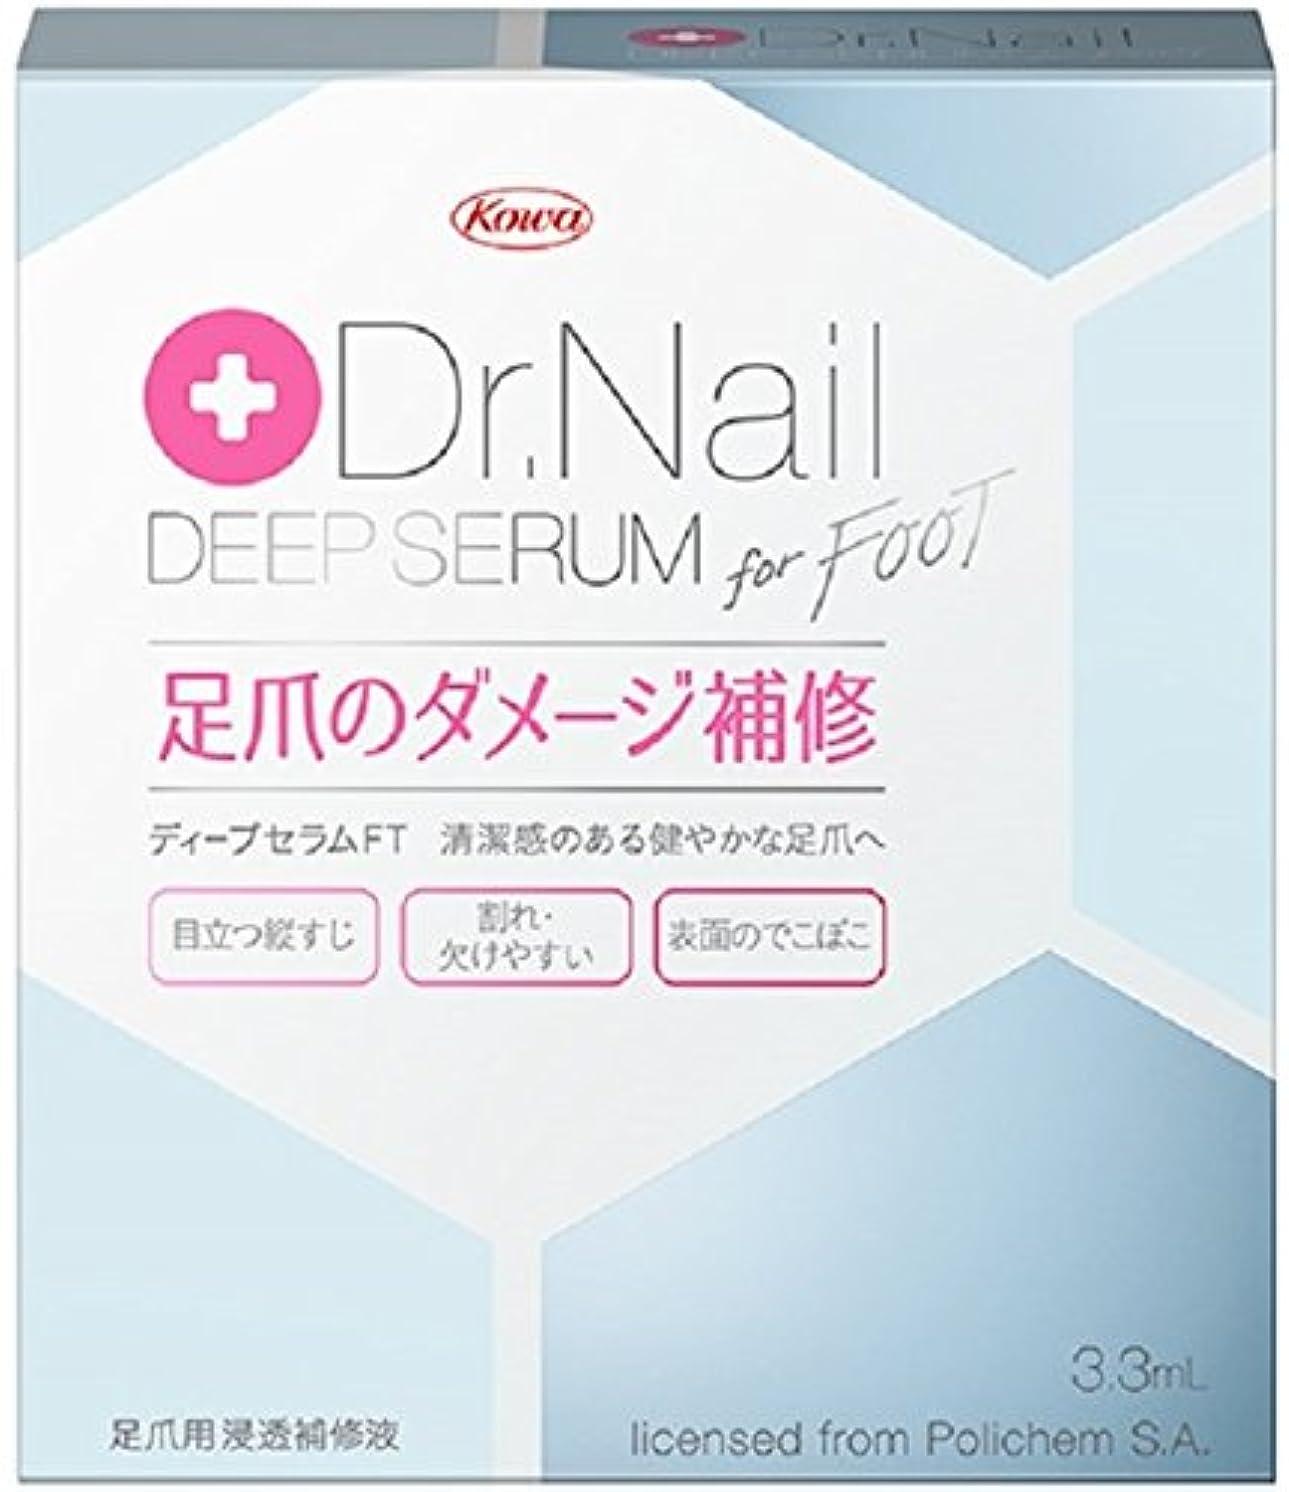 に関してフィードバックソブリケット興和(コーワ) Dr.Nail DEEP SERUM for FOOT ドクターネイル ディープセラム 足爪用 3.3ml